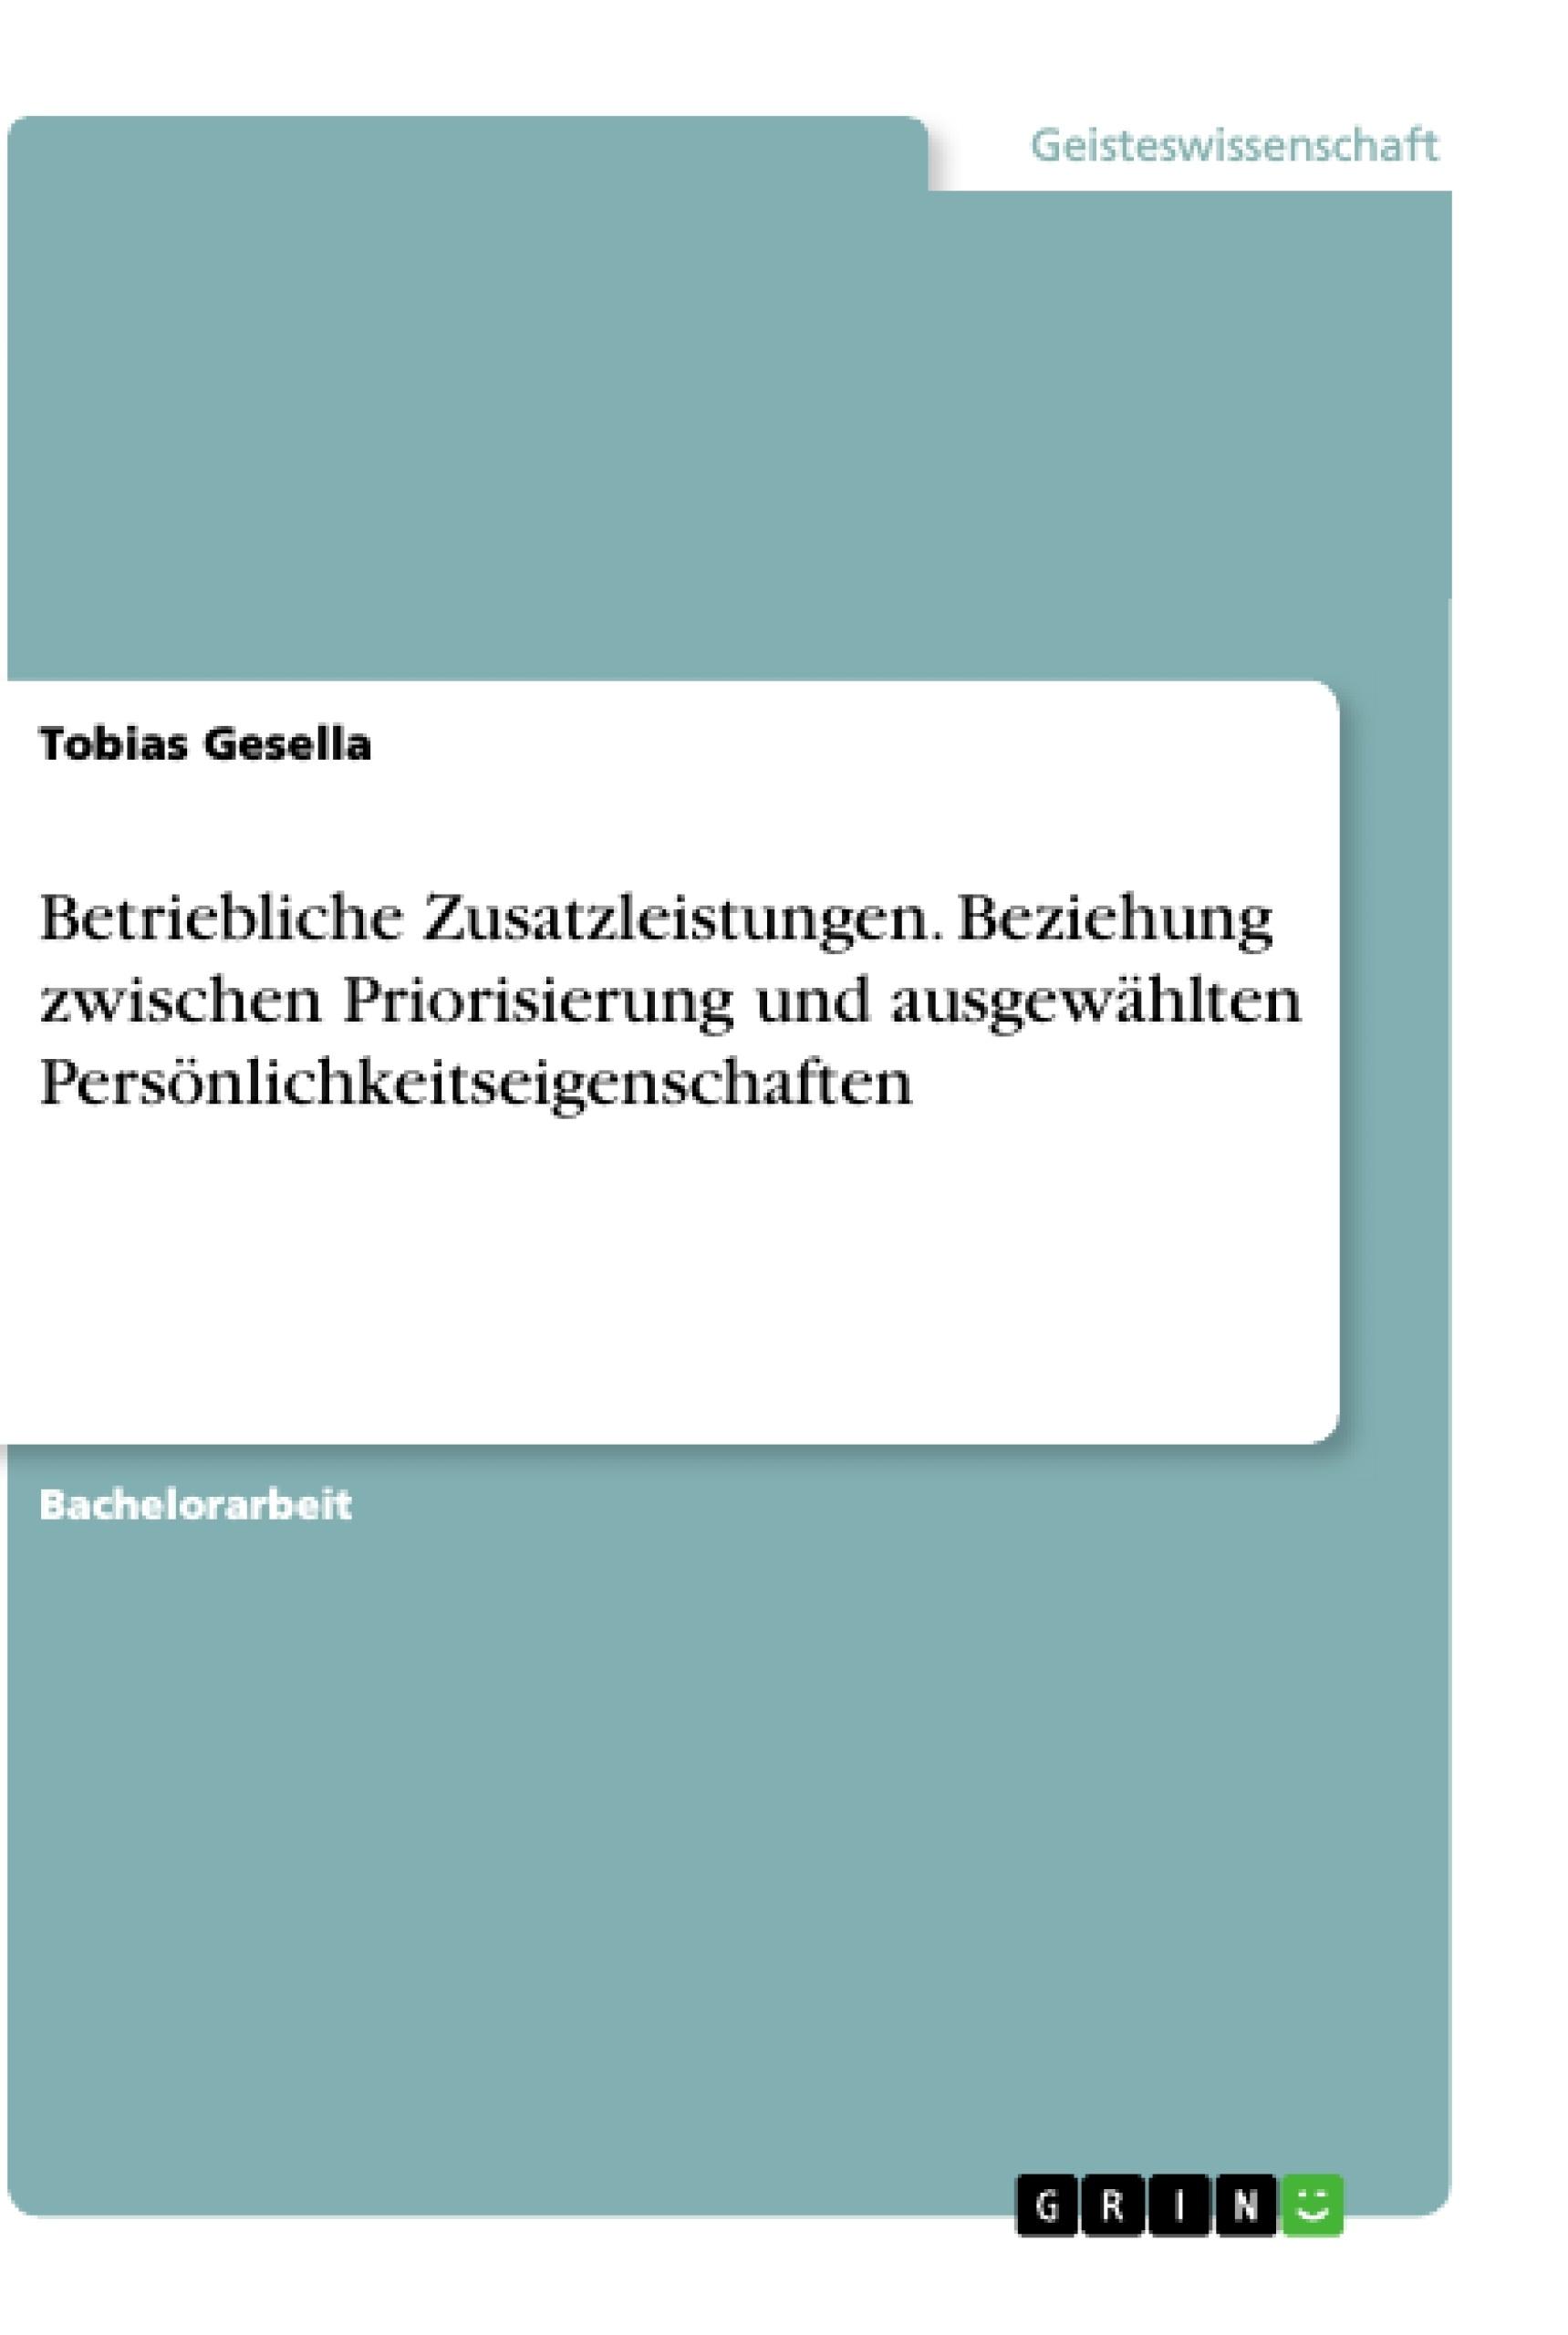 Berühmt Punnett Quadrat Bewertung Arbeitsblatt Ideen - Super Lehrer ...